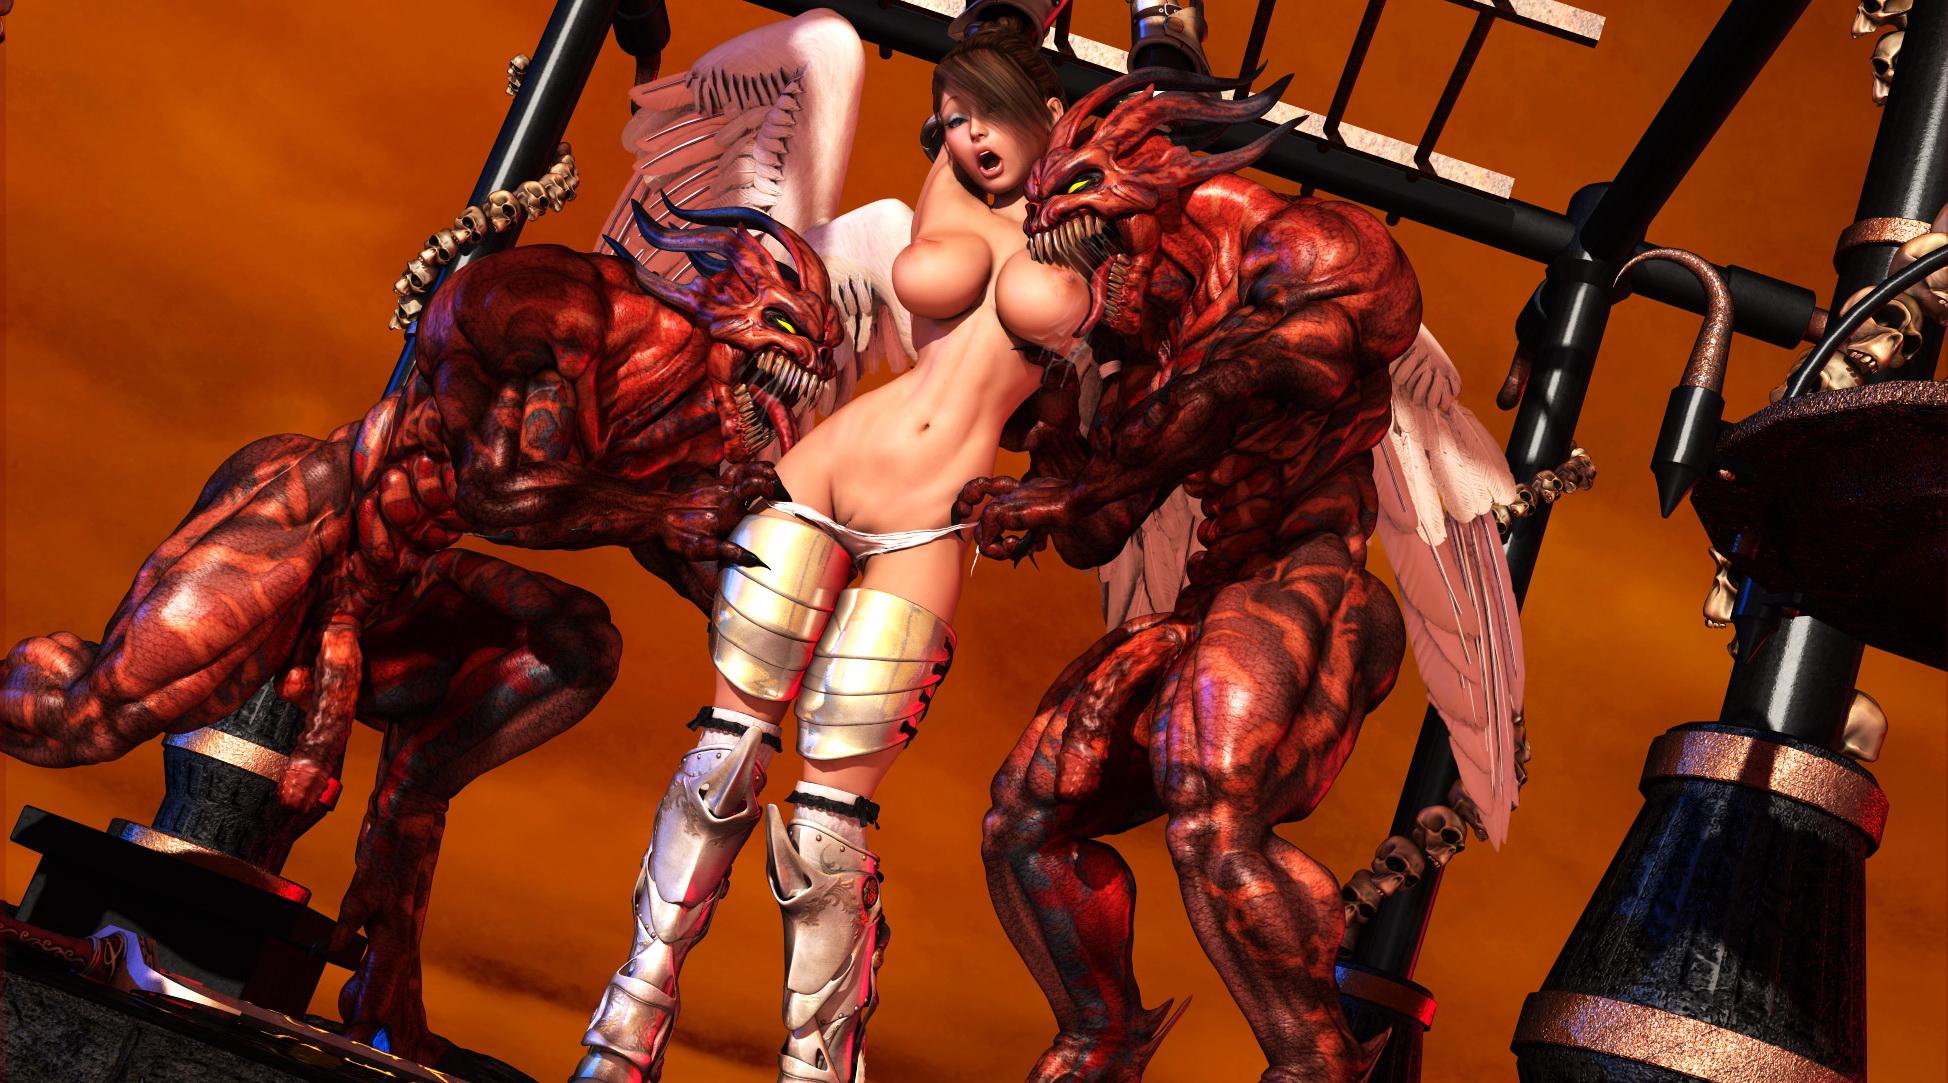 brandi big ass naked and sexy